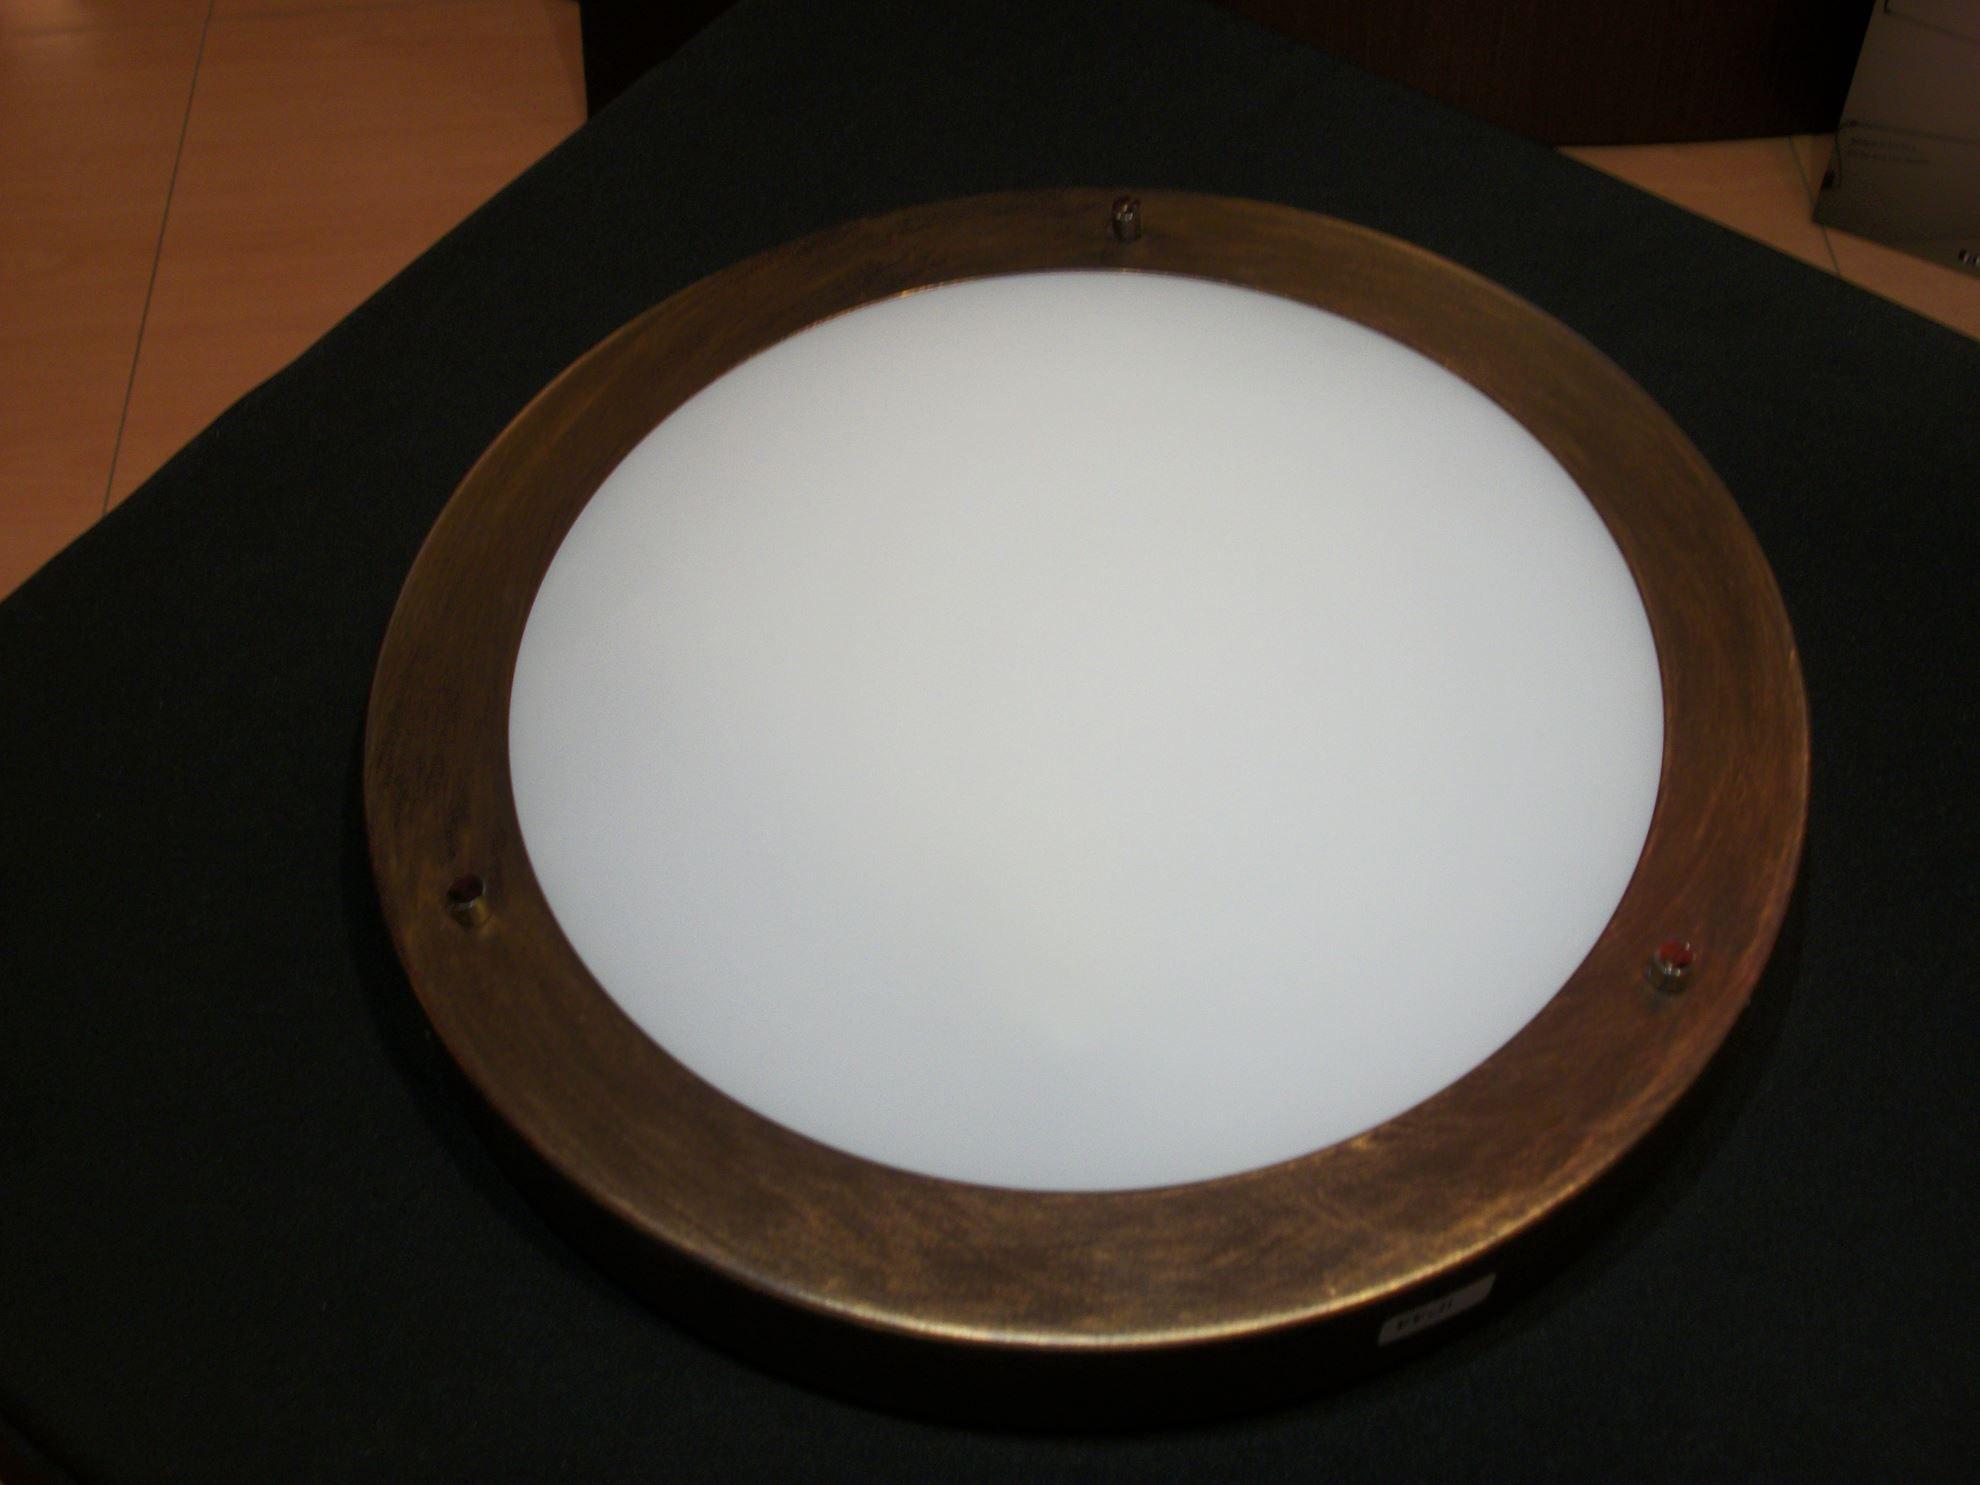 Plafoniere Da Esterno A Soffitto : Plafoniera a soffitto per interno esterno tonda in vetro bianco con